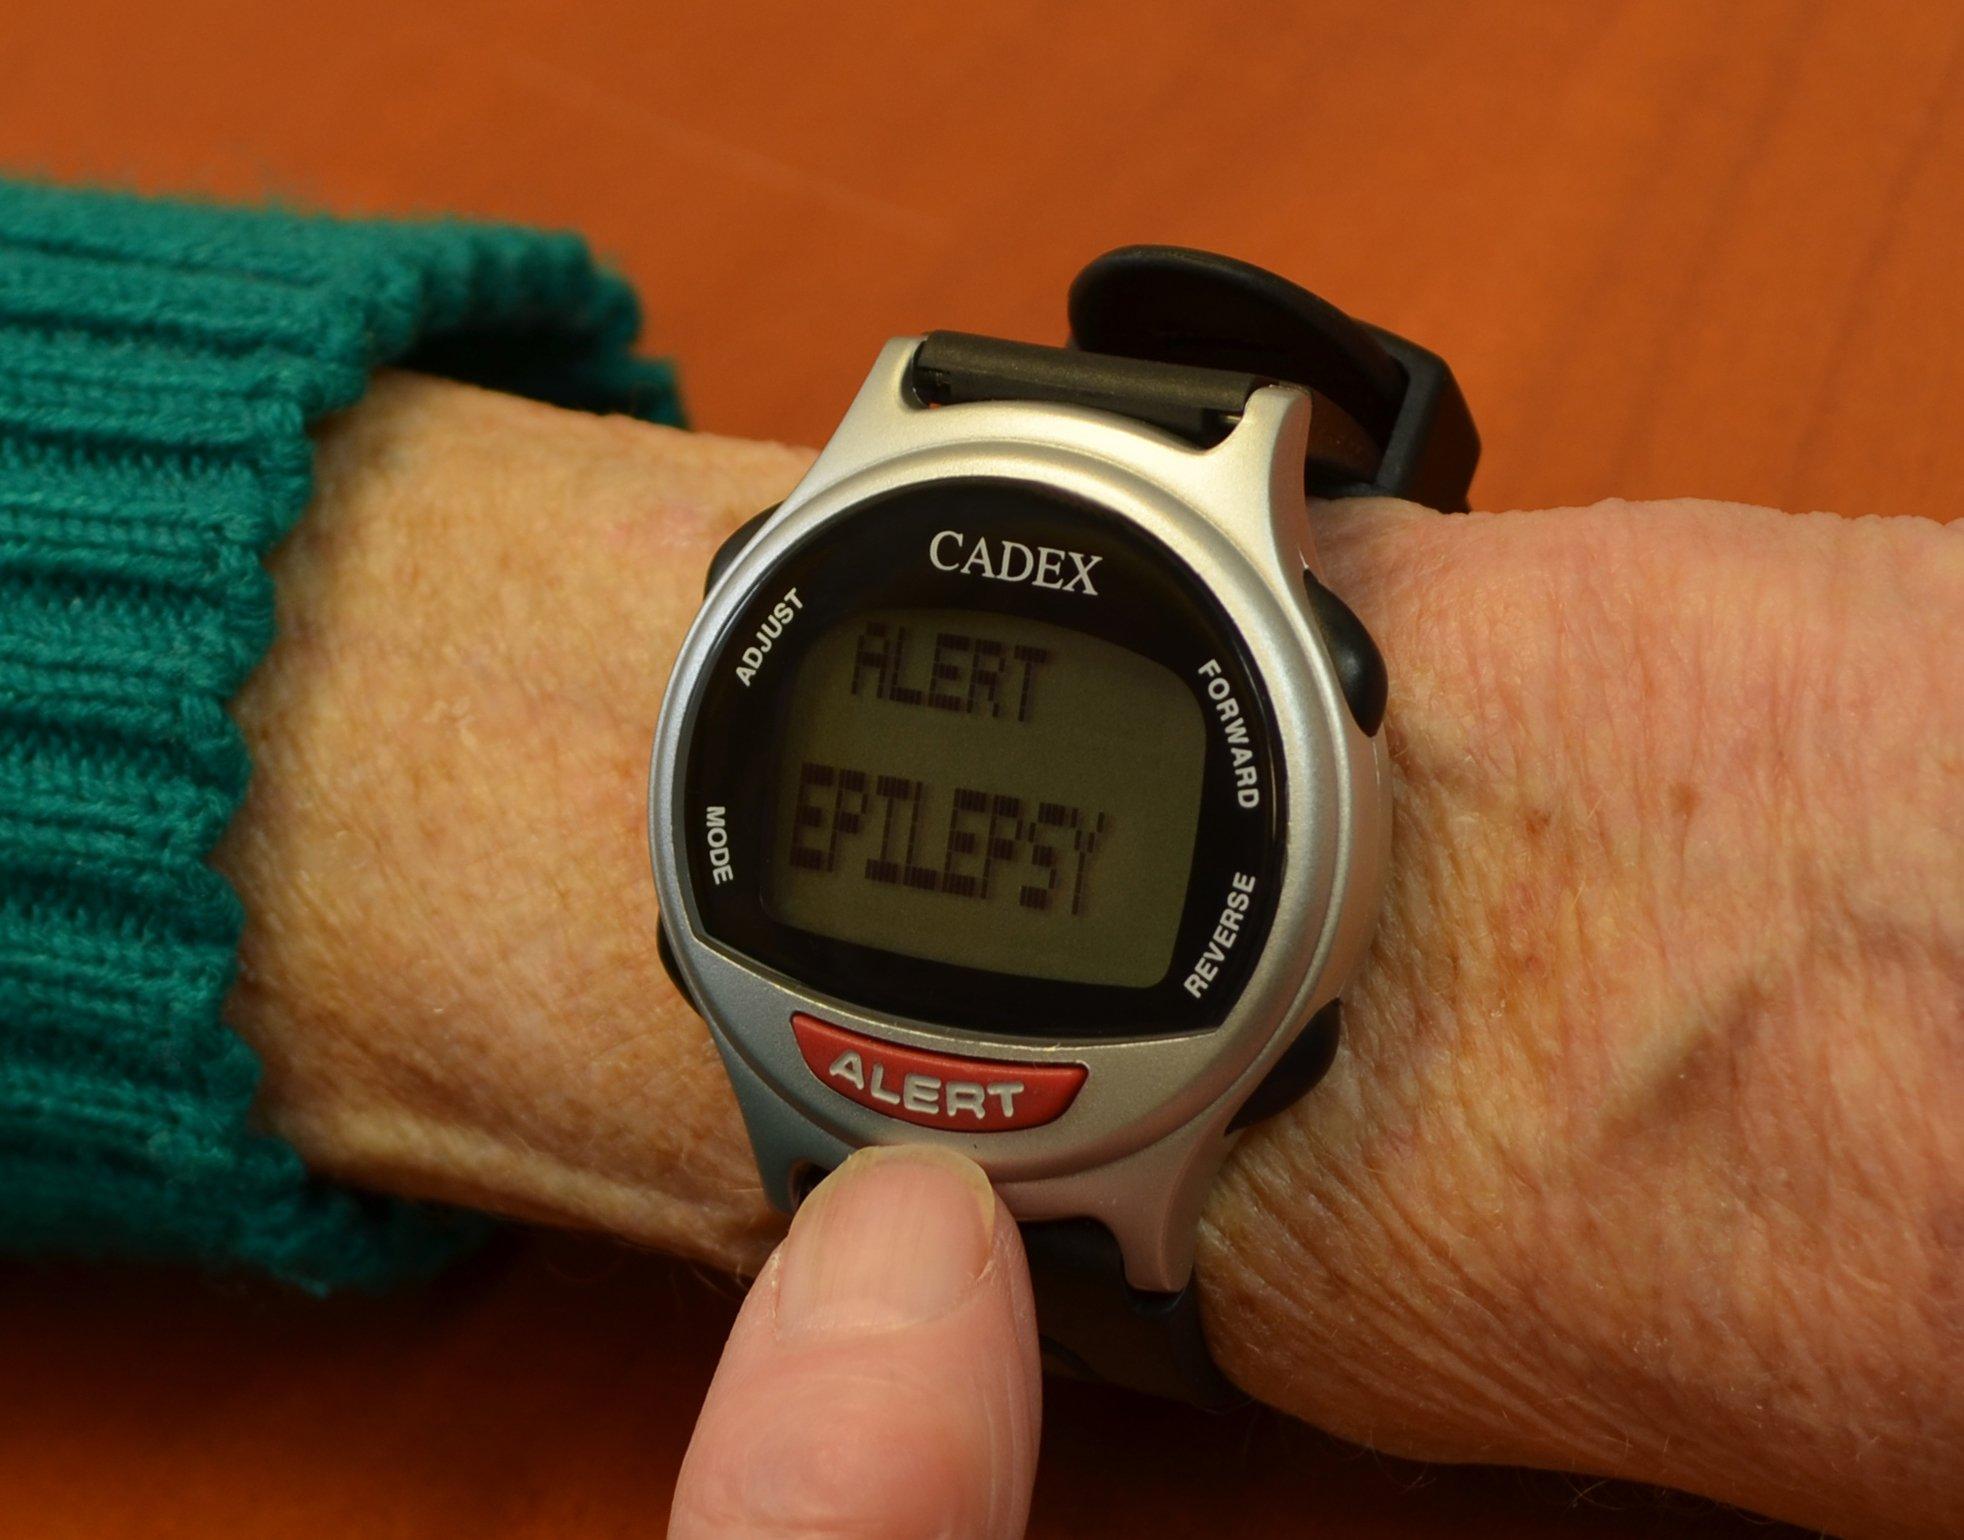 CADEX 12 Alarm Watch, Digital Medical ID, Silver by Cadex